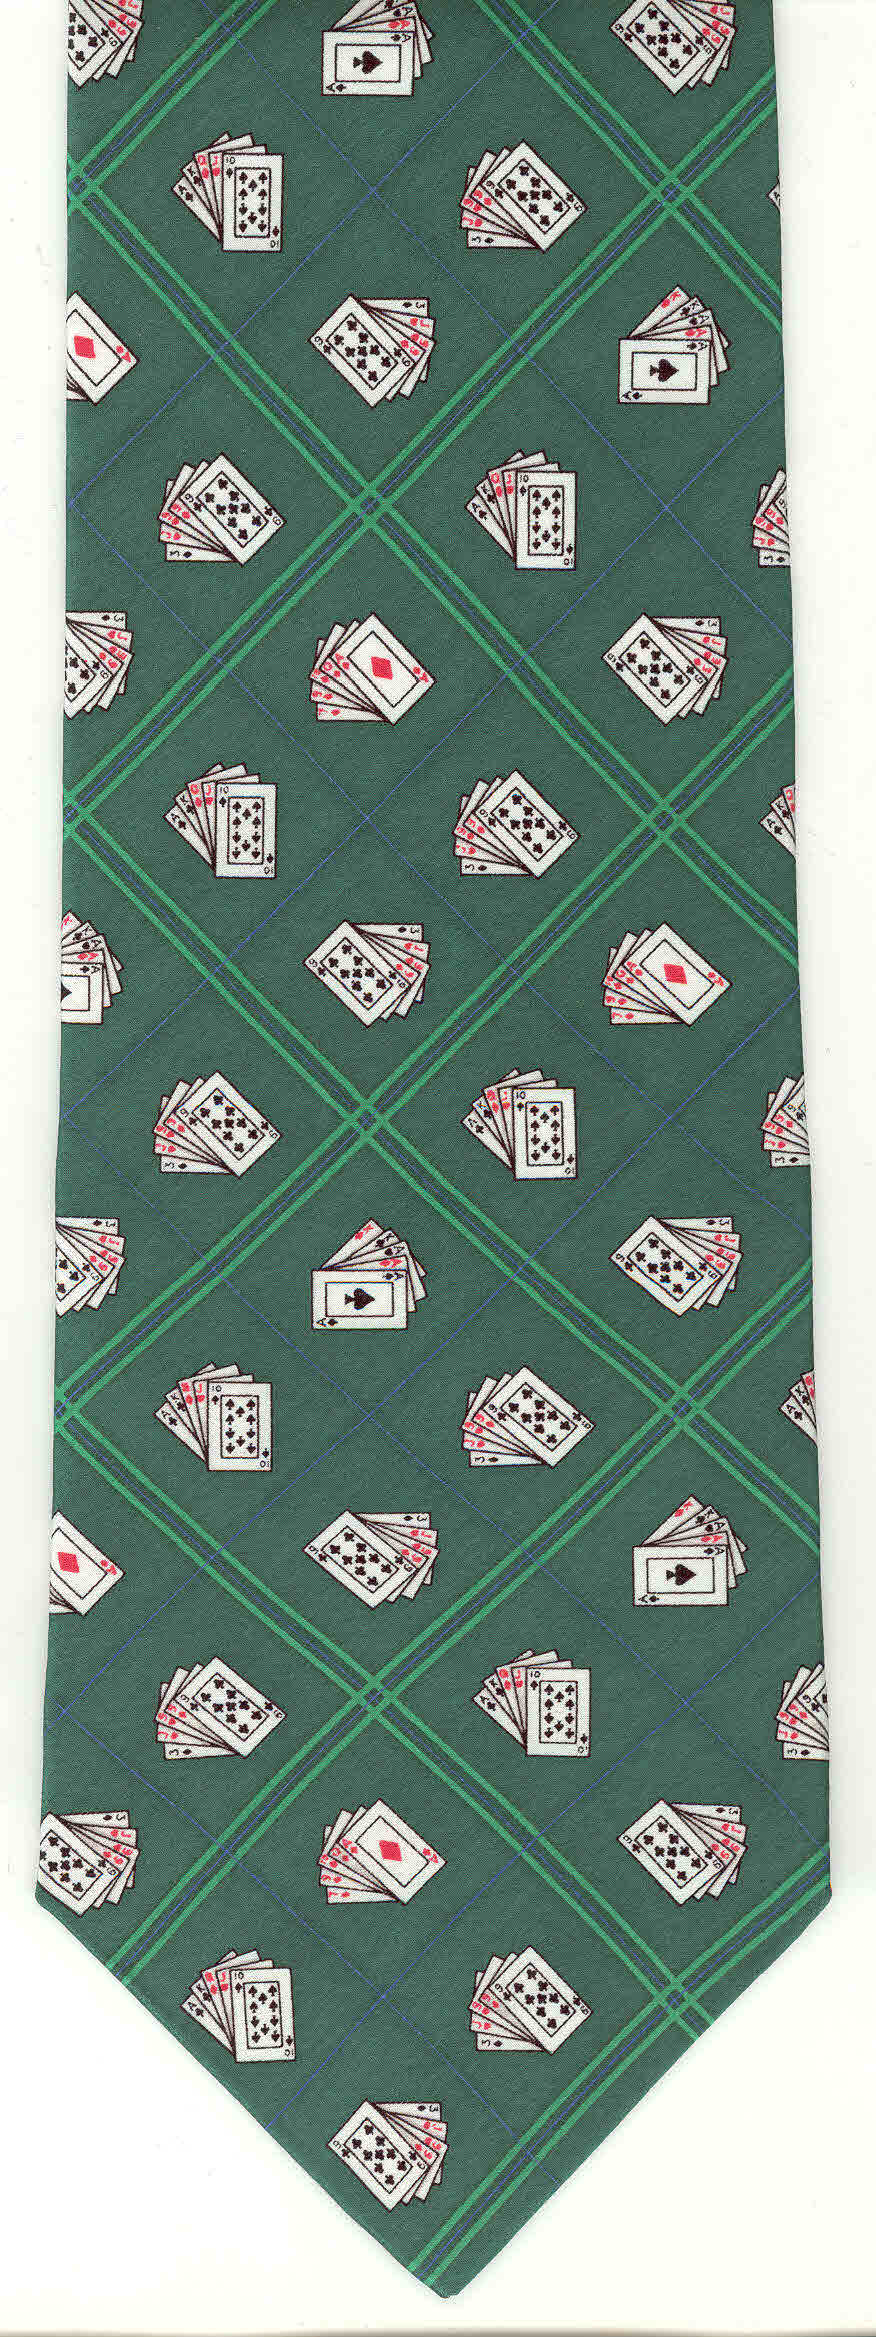 102 Poker Hands Green (SP).jpg